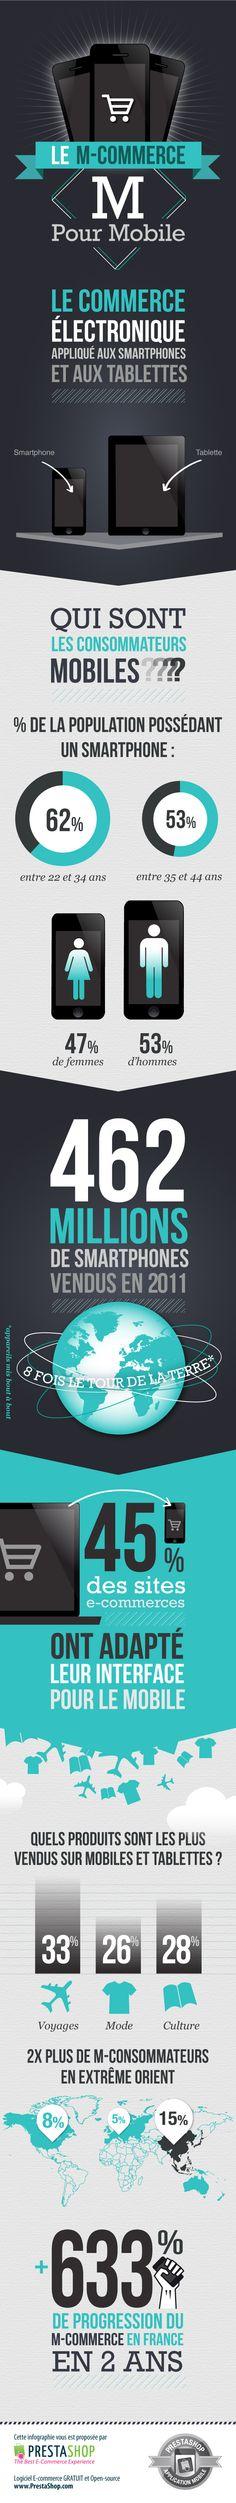 M-commerce : M pour mobile